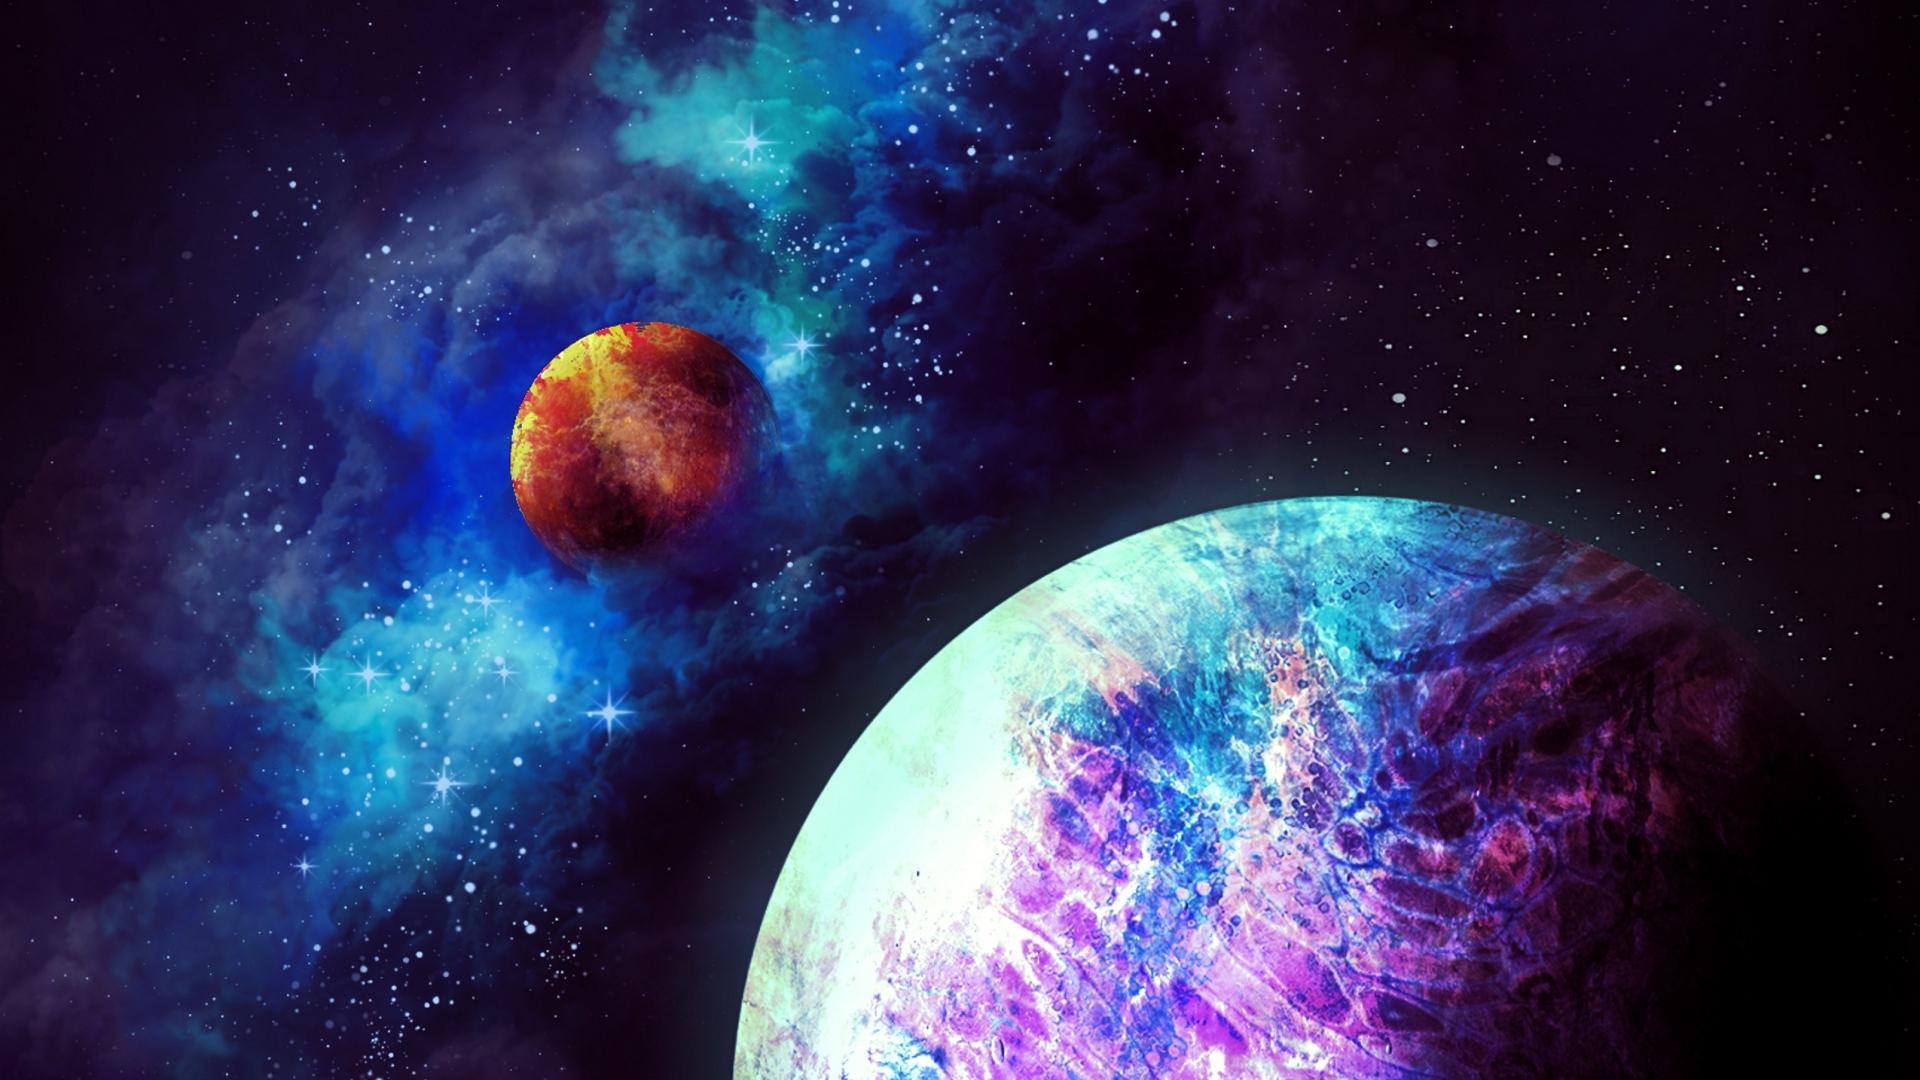 planets nebula